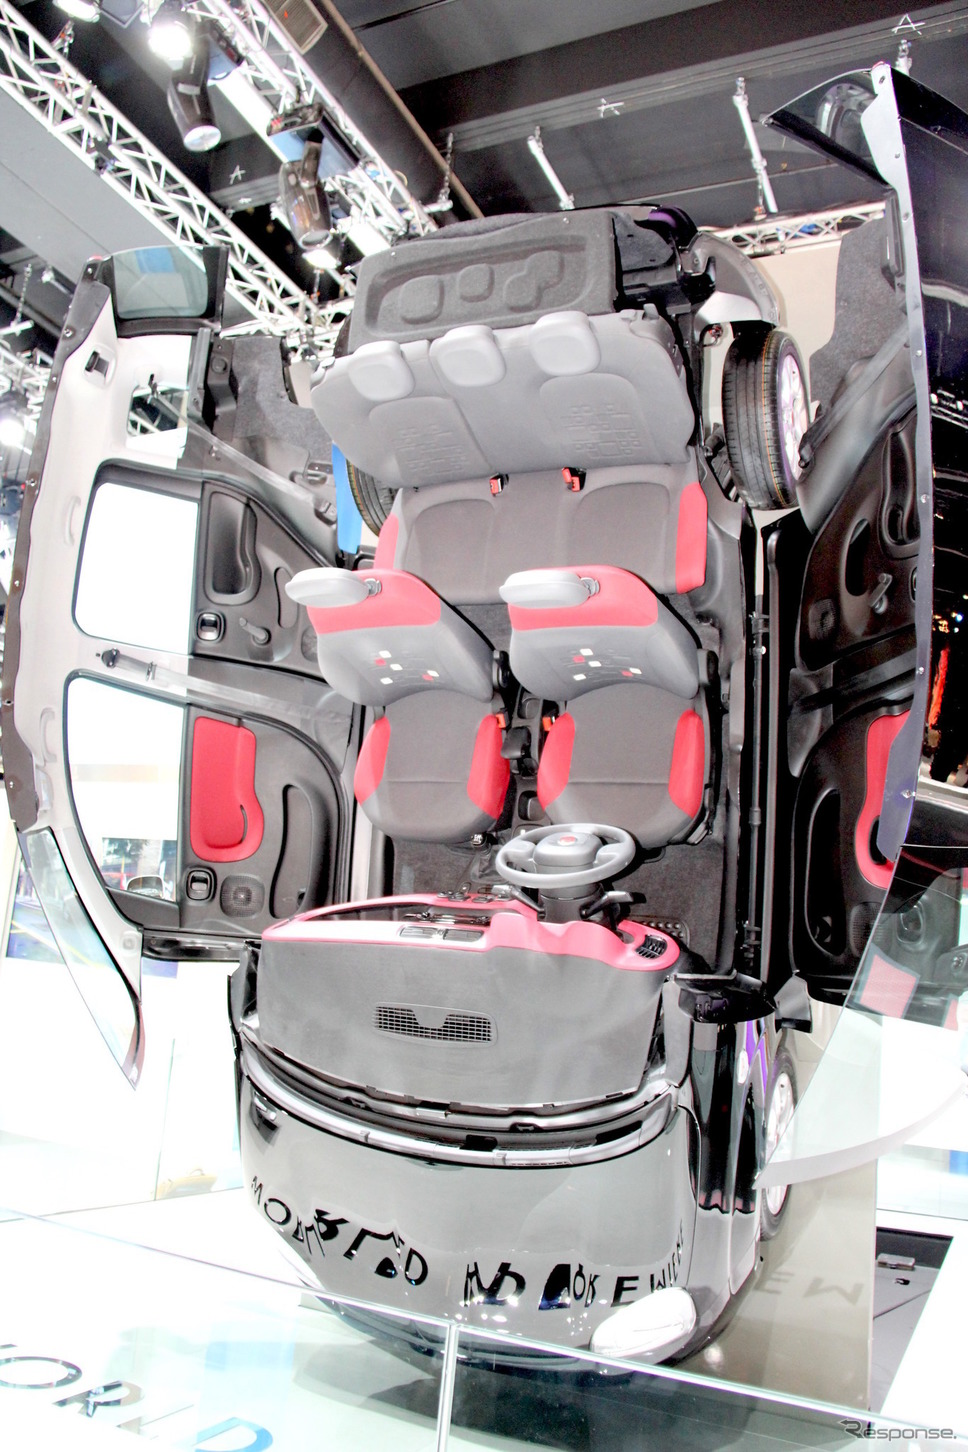 2011年フランクフルト・モーターショーにおける3代目フィアット・パンダ(319型)《photo by 大矢アキオ Akio Lorenzo OYA》